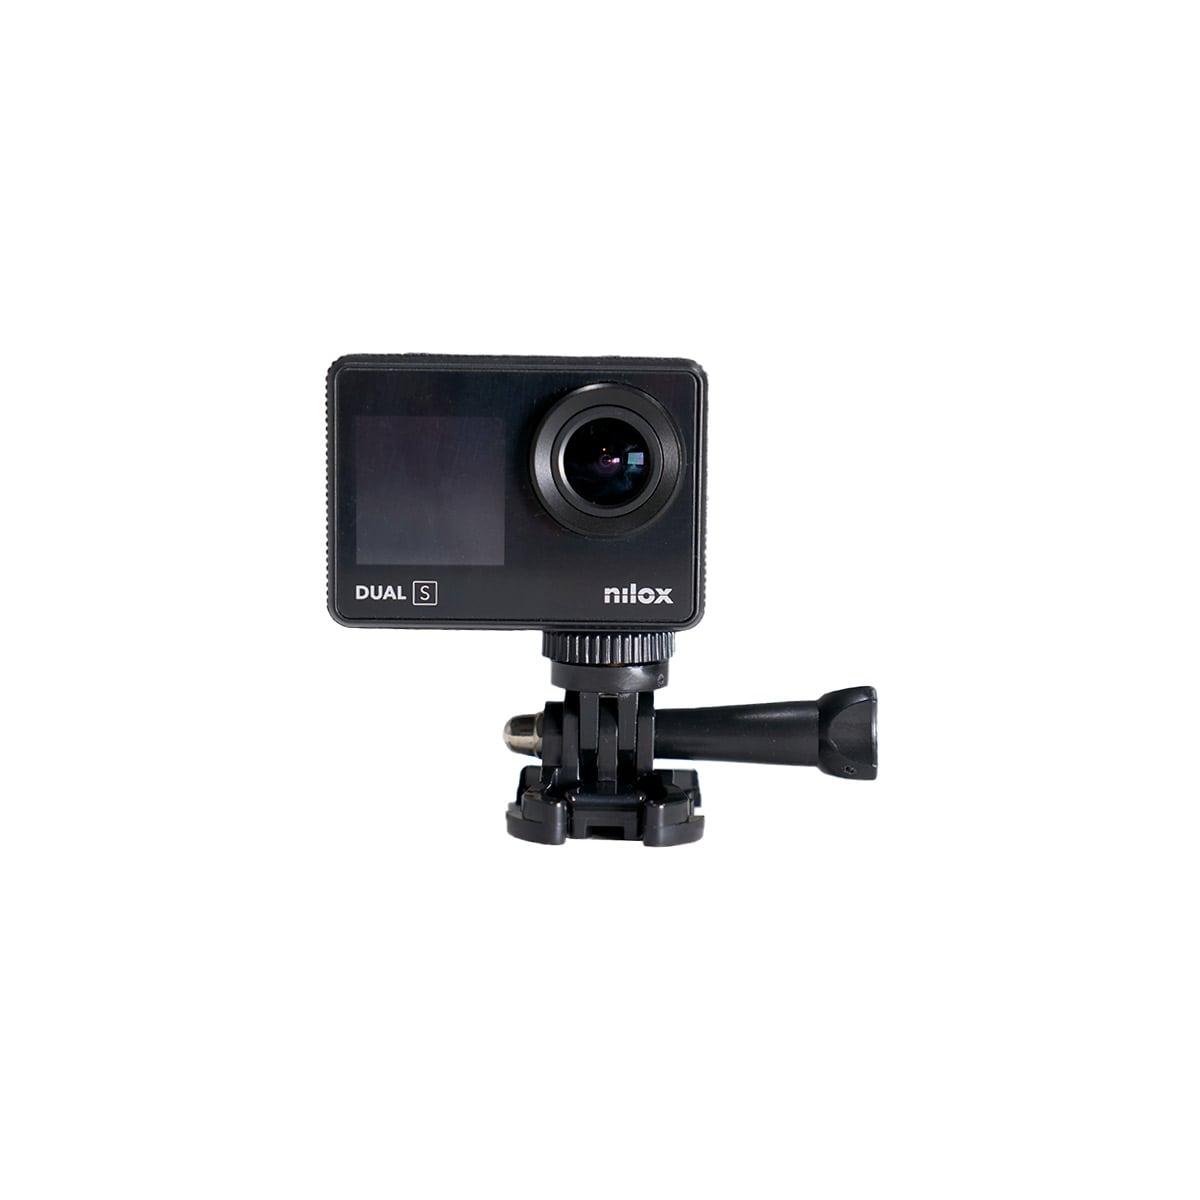 Nilox Dual-S ufficiale: action-cam 4K con doppo display a colori e prezzo contenuto